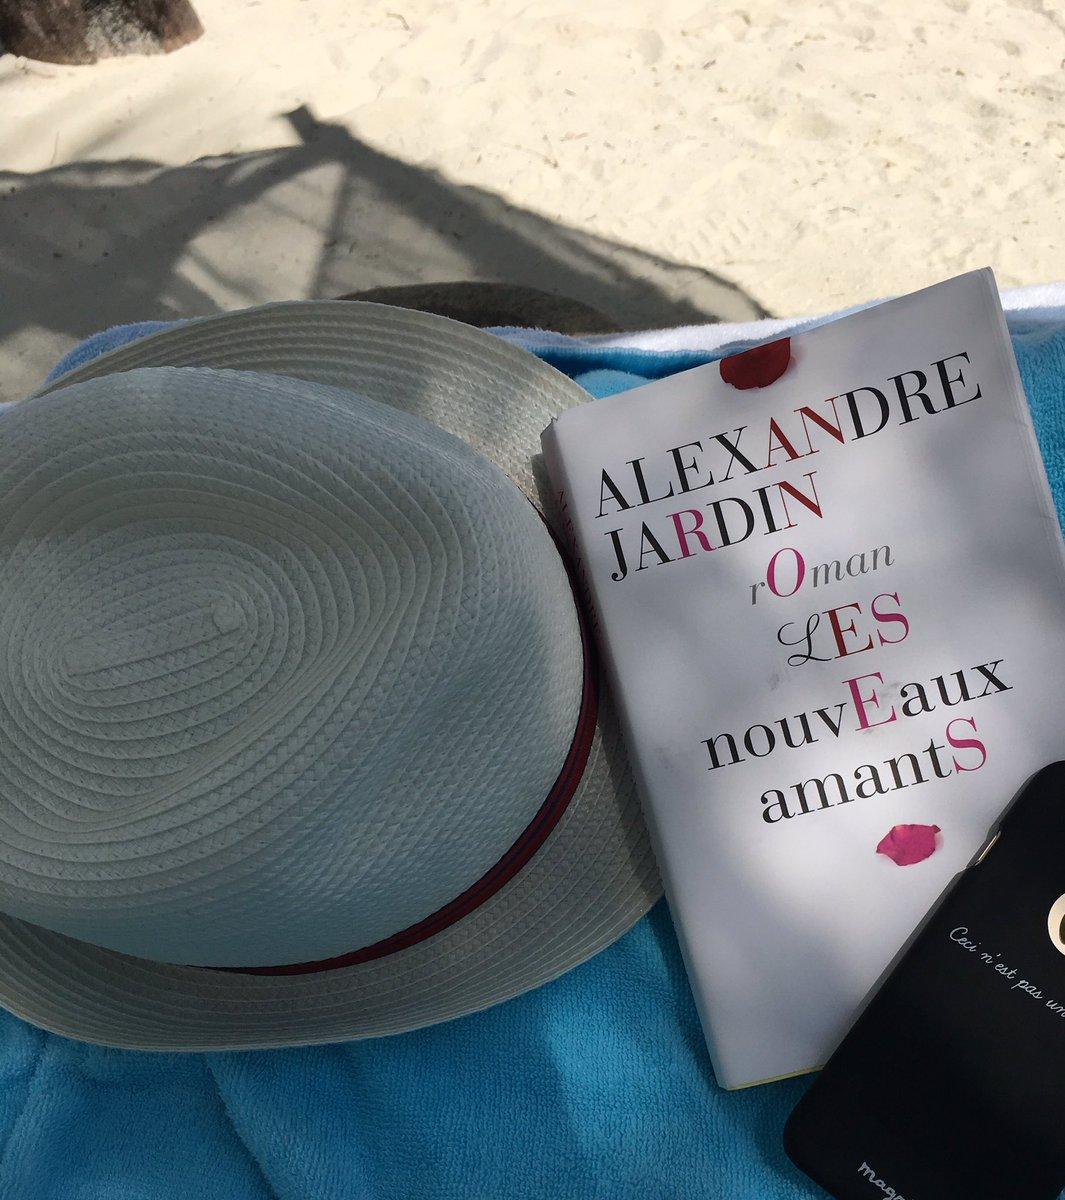 Durftevragen hashtag on twitter for Alexandre jardin